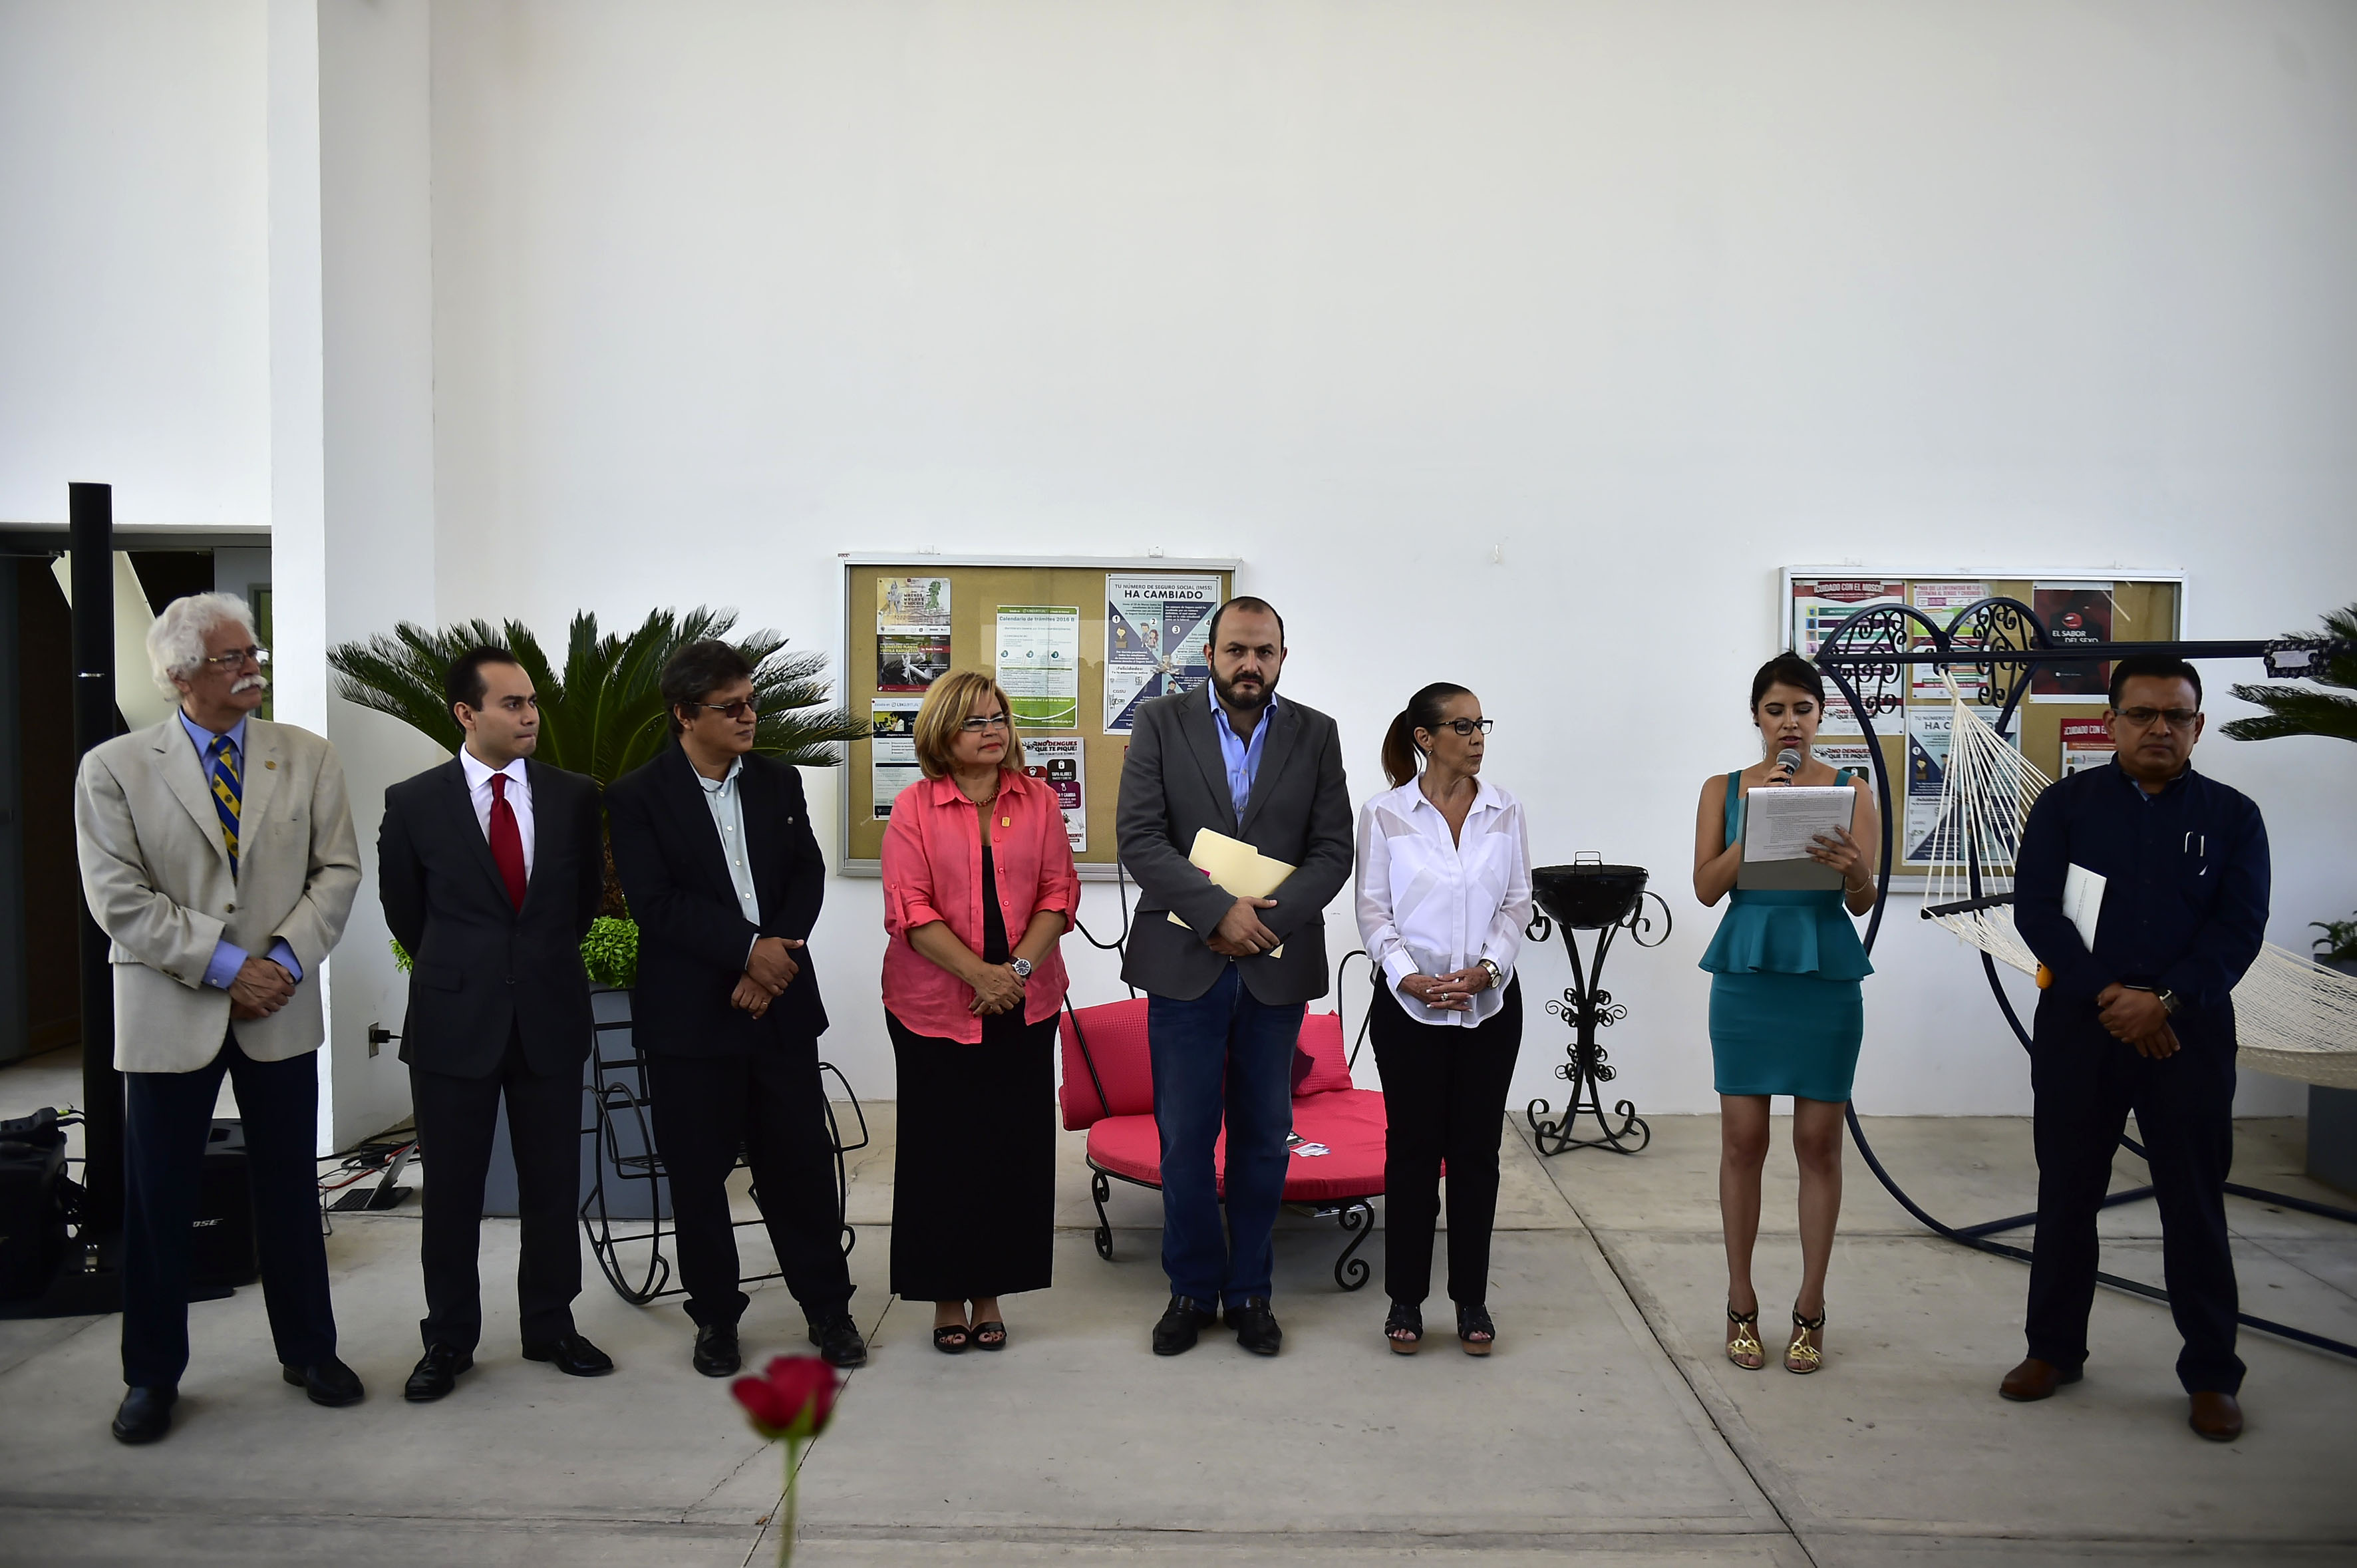 Discurso inaugural de la Feria de Diseño de Artesanía (Feriada), en la explanada del centro.